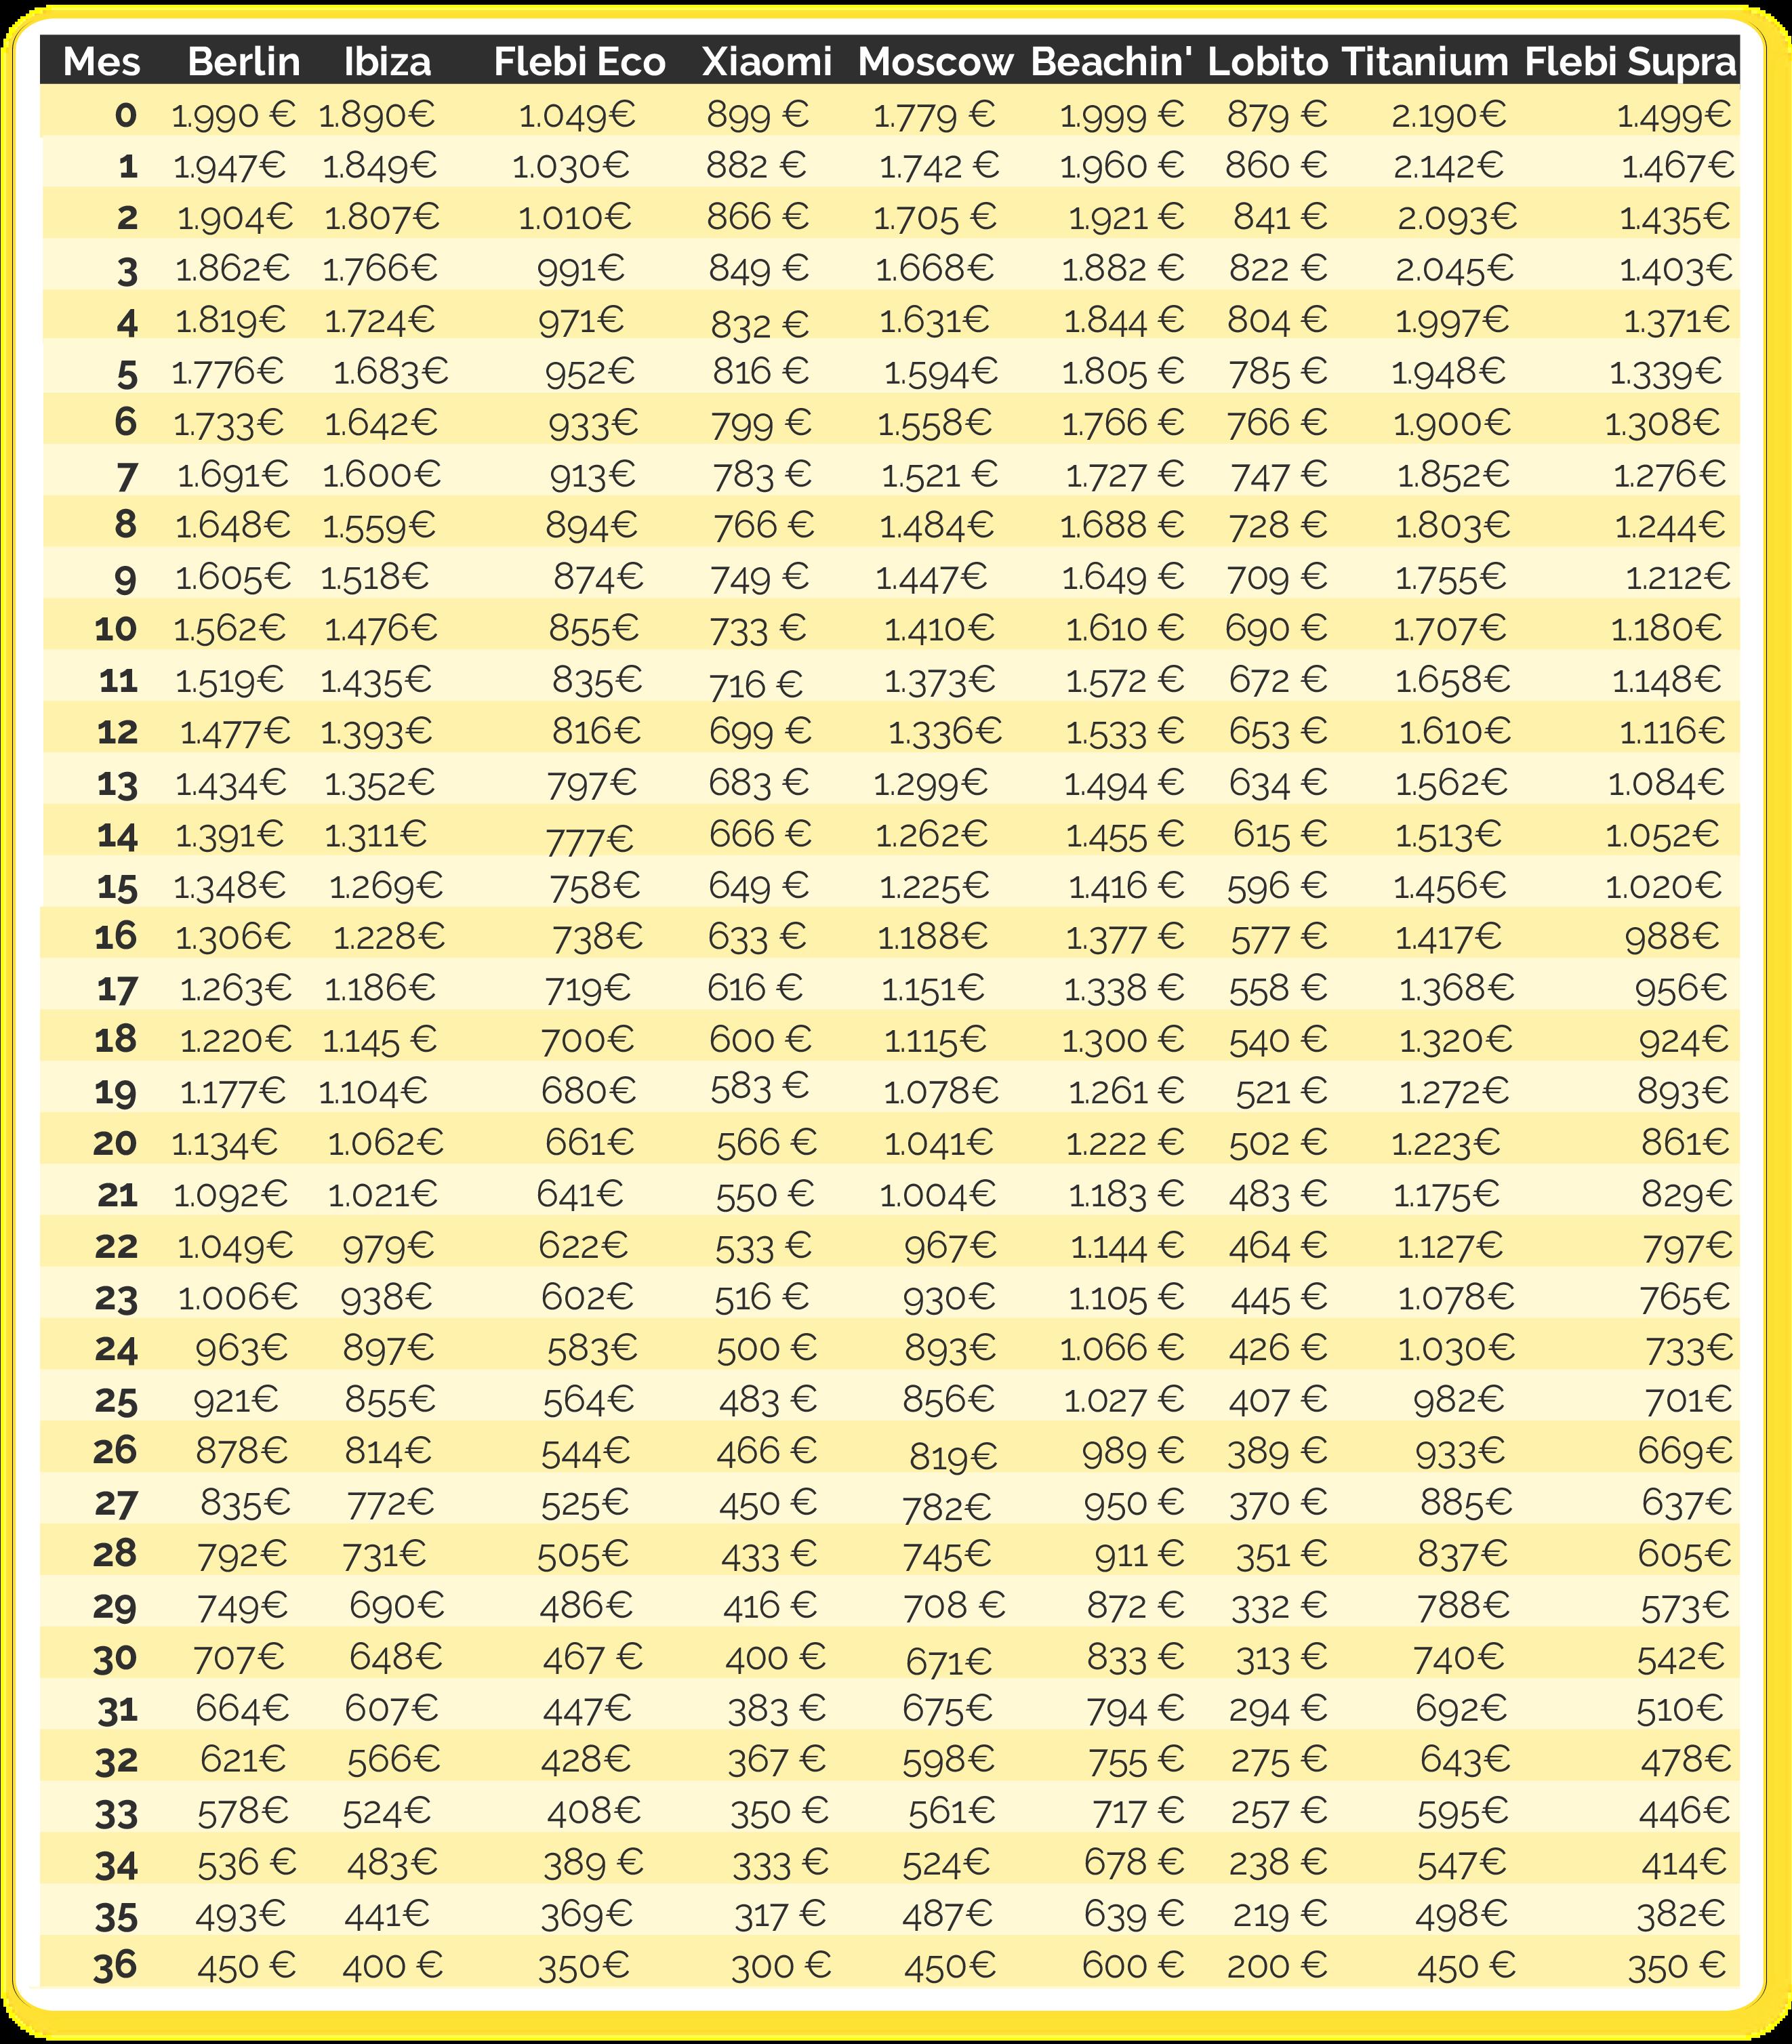 Tabla de valores residuales de eBikes